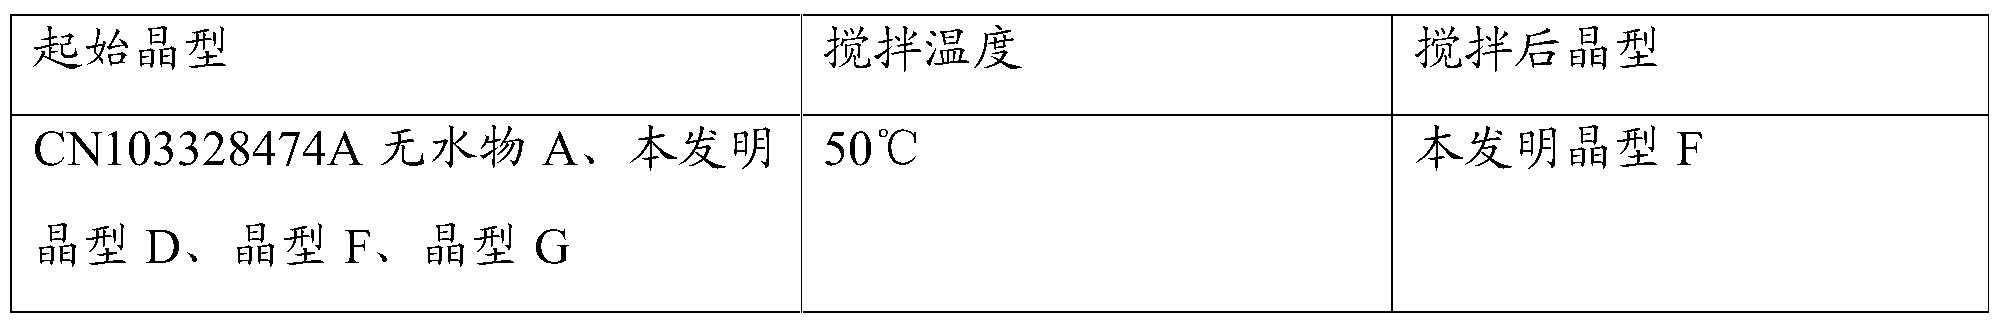 Figure PCTCN2016102022-appb-000013